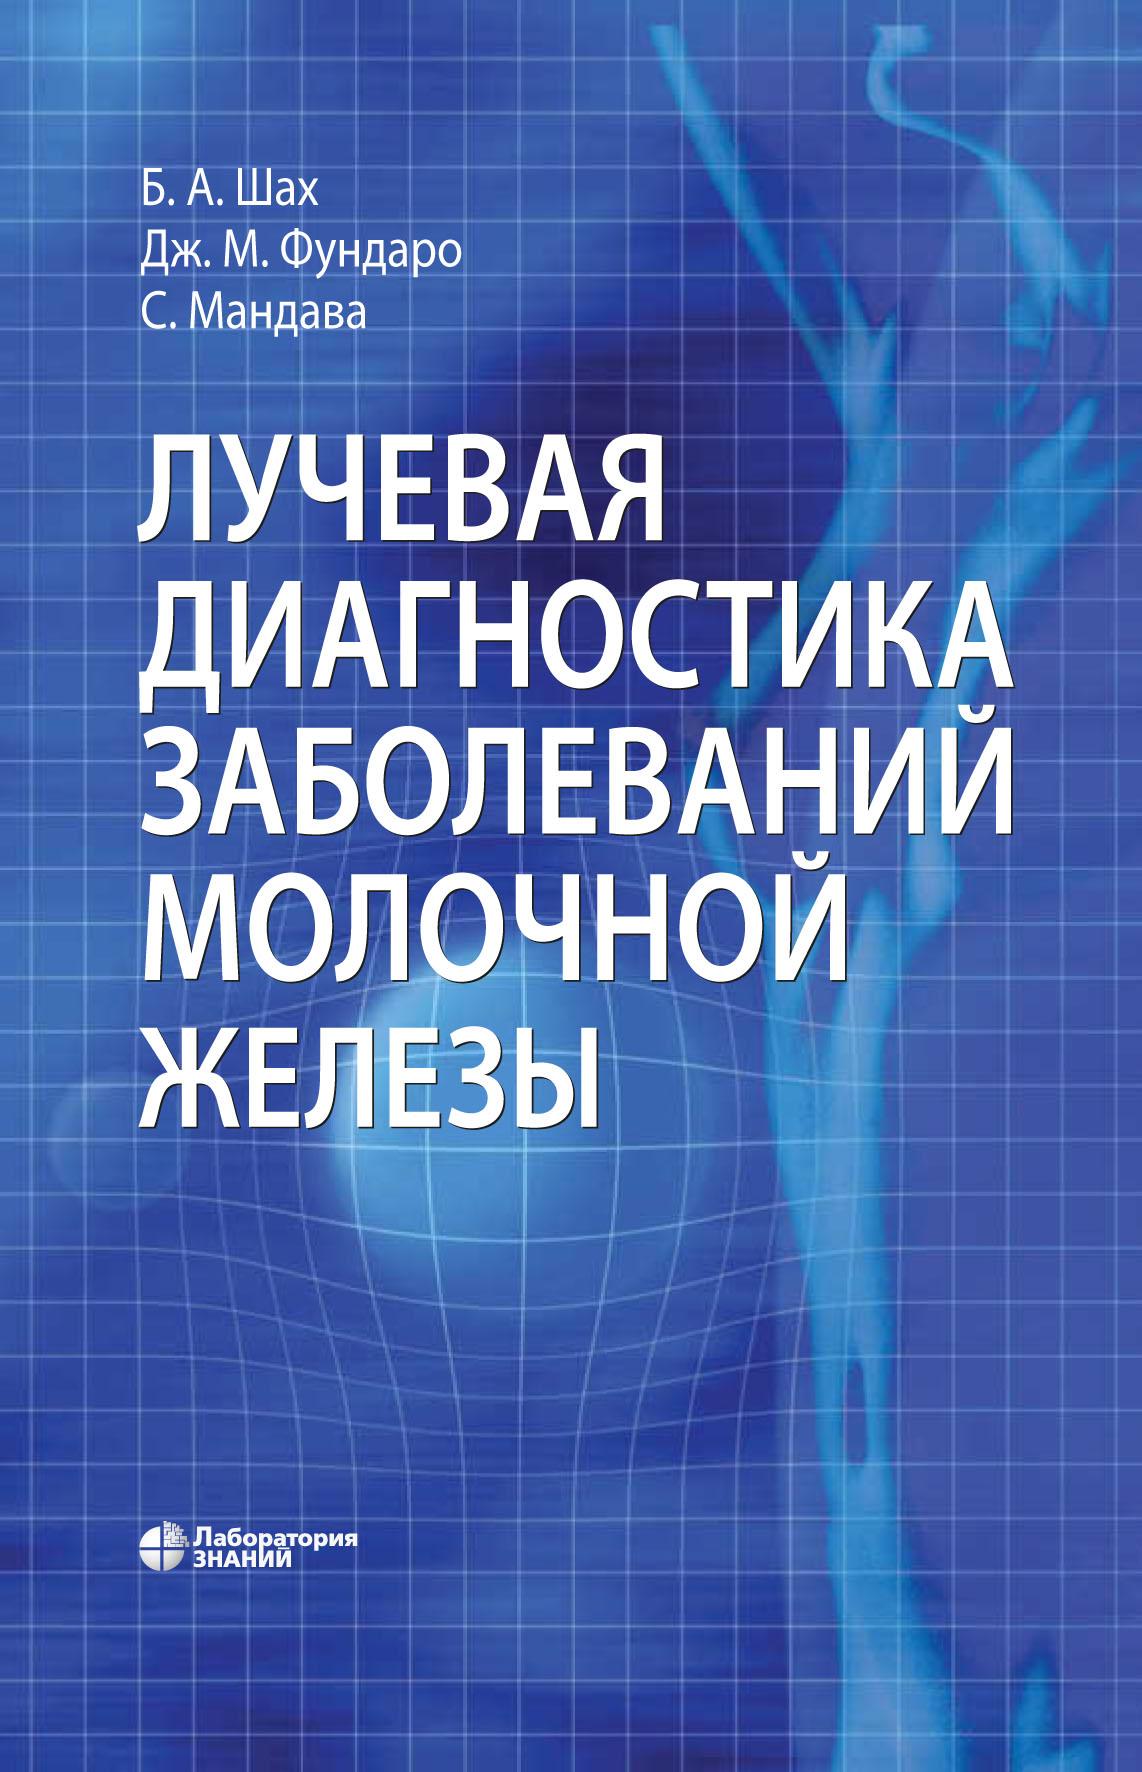 Джина М. Фундаро Лучевая диагностика заболеваний молочной железы